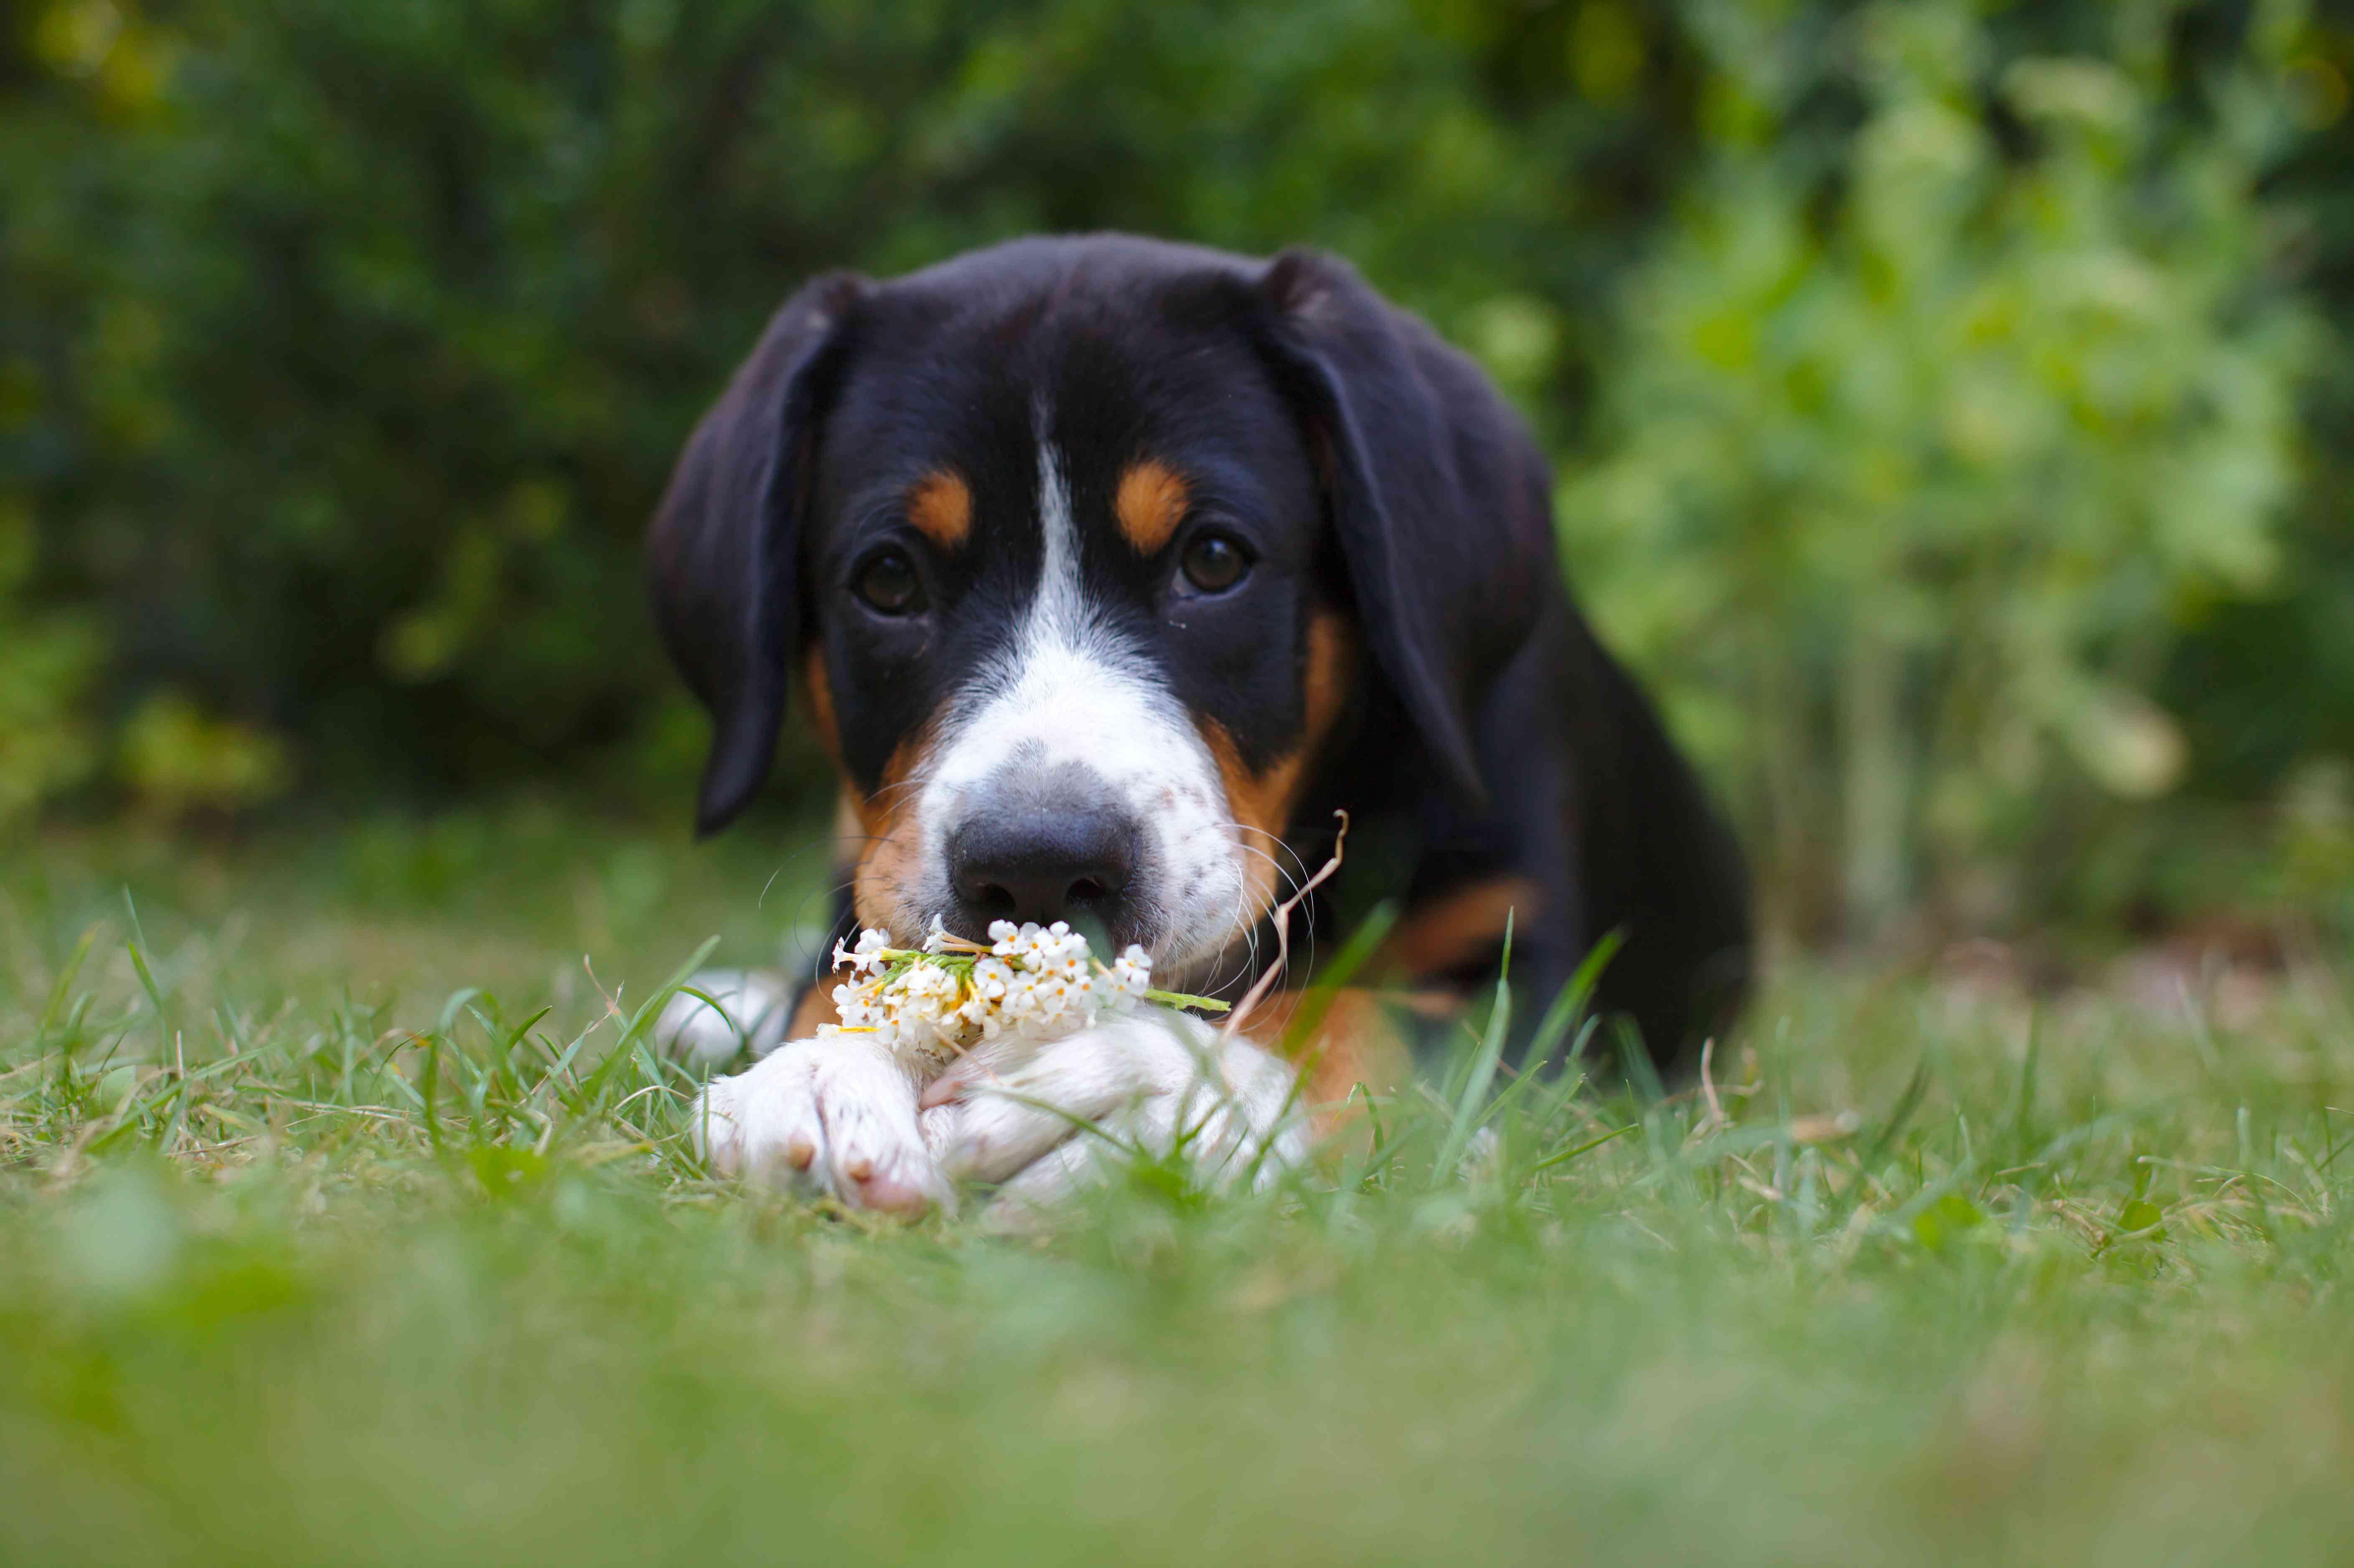 A Entlebucher Mountain Dog puppy.